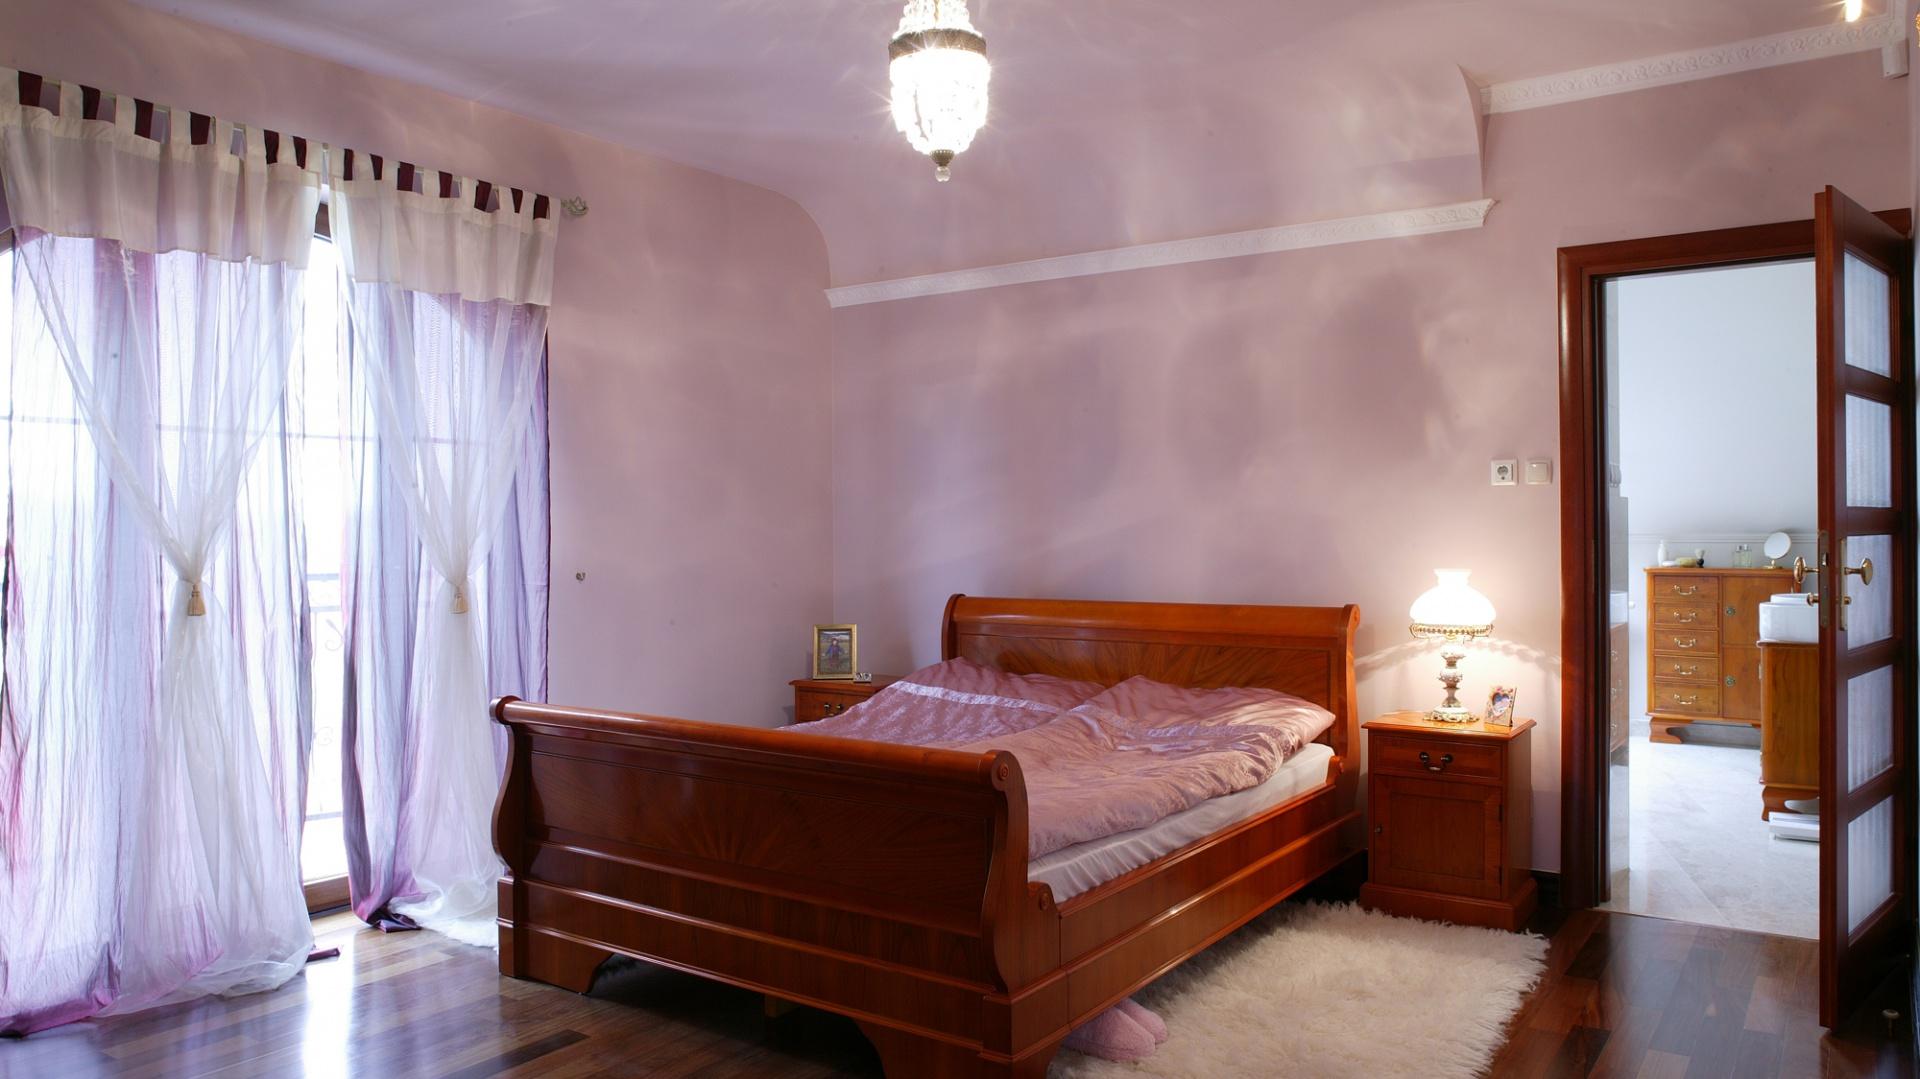 Zwracają uwagę ścielące się na podłogę tiulowe firany czy, nawiązujące skojarzenia z baldachimem, lekkie obniżenie sufitu nad łóżkiem.